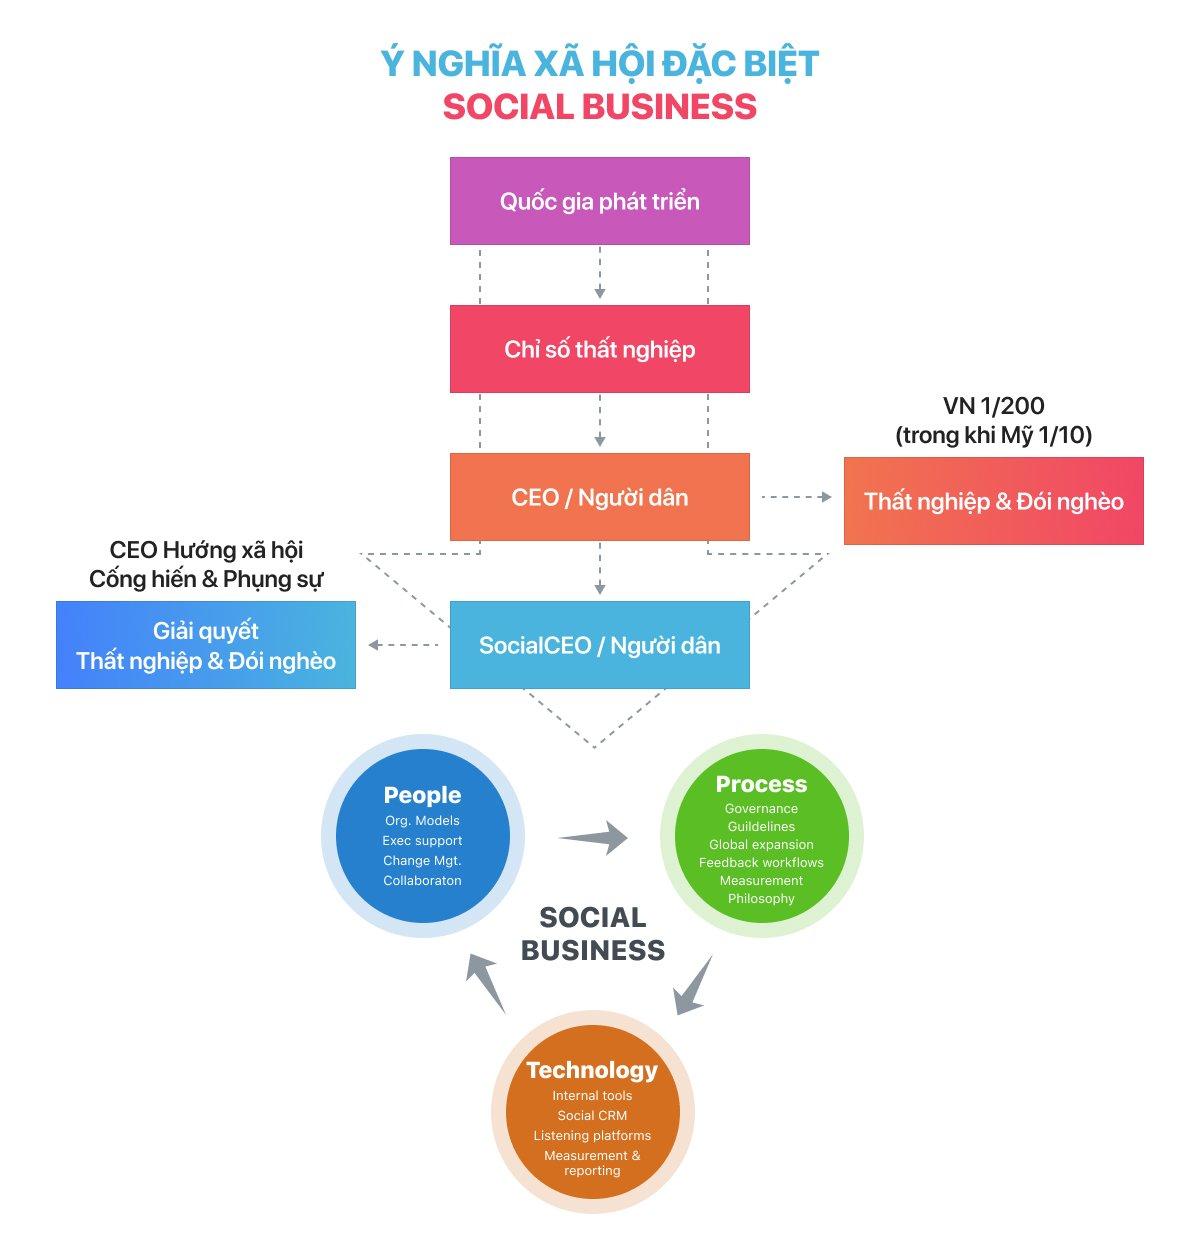 Ý nghĩa xã hội đặc biệt của Social Business